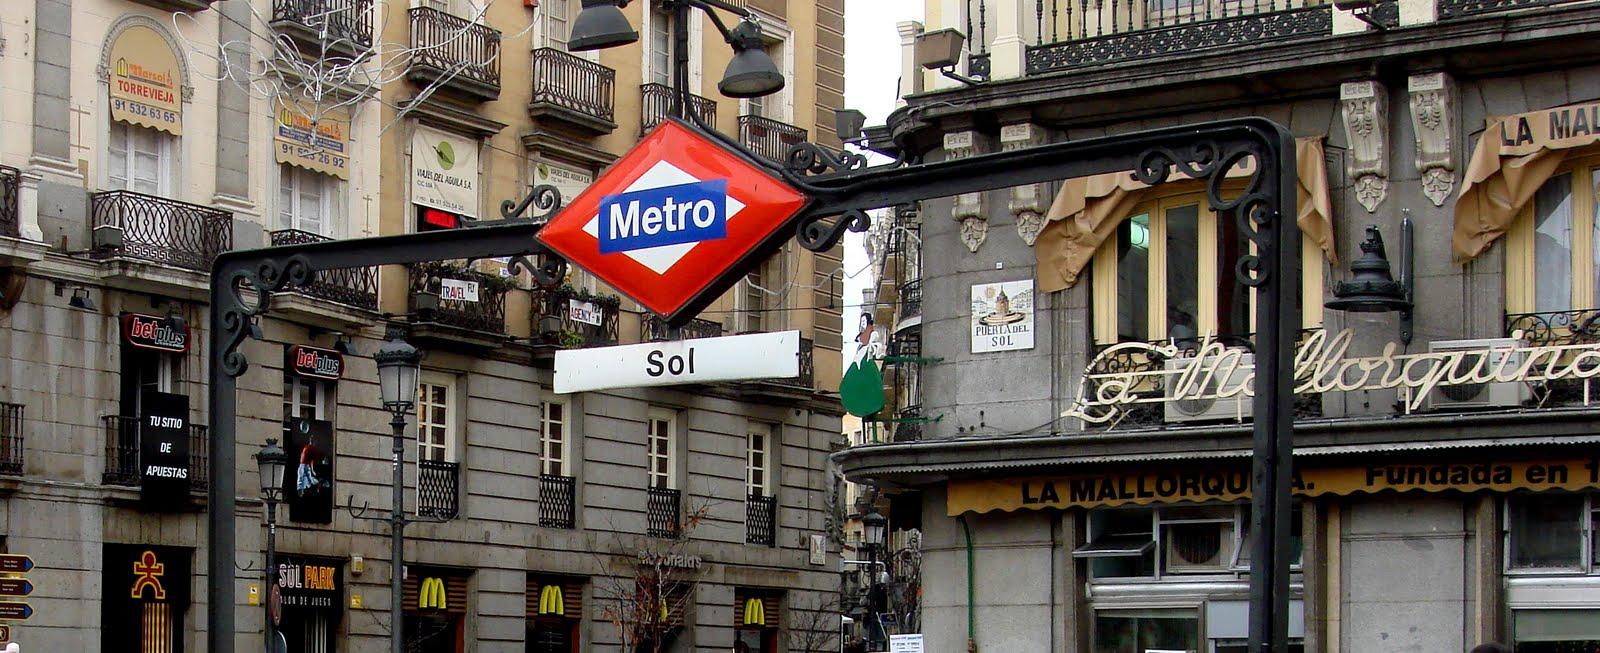 Cristal De Mi Vida La Mallorquina De La Puerta Del Sol